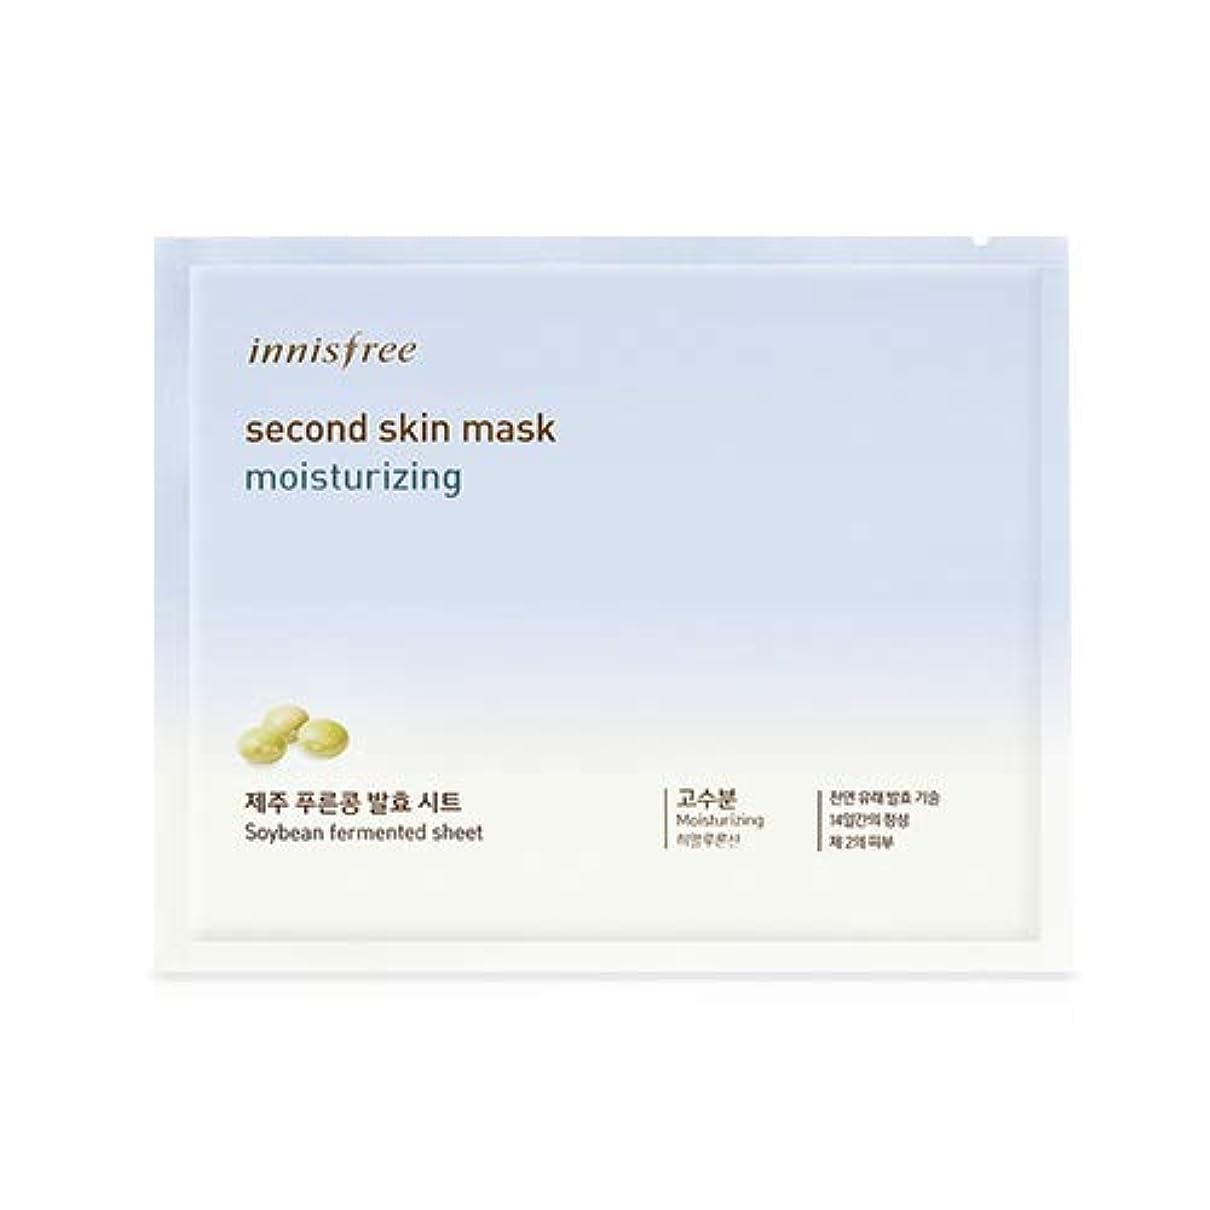 知人誰流体[Original] イニスフリーセカンドスキンマスクシート20g x 3個 - モイスチャライジング/Innisfree Second Skin Mask Sheet 20g x 3pcs - Moisturizing [並行輸入品]